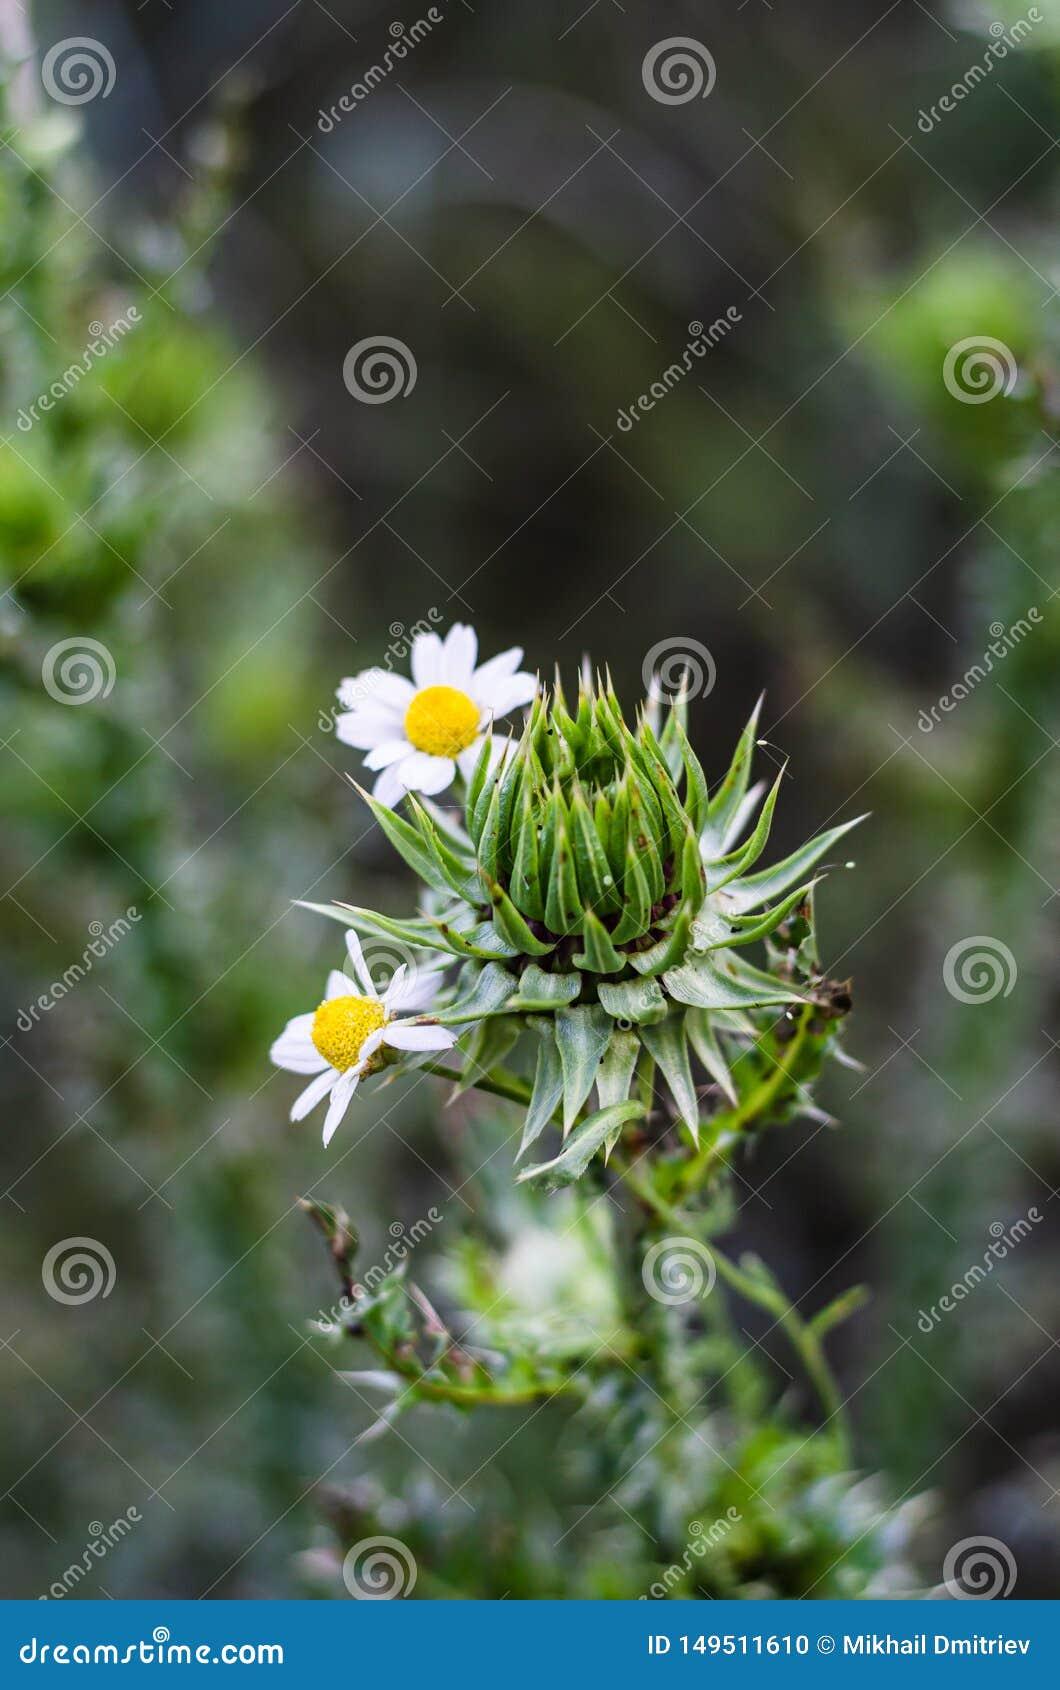 精美雏菊围拢的多刺的蓟 多刺的柔软